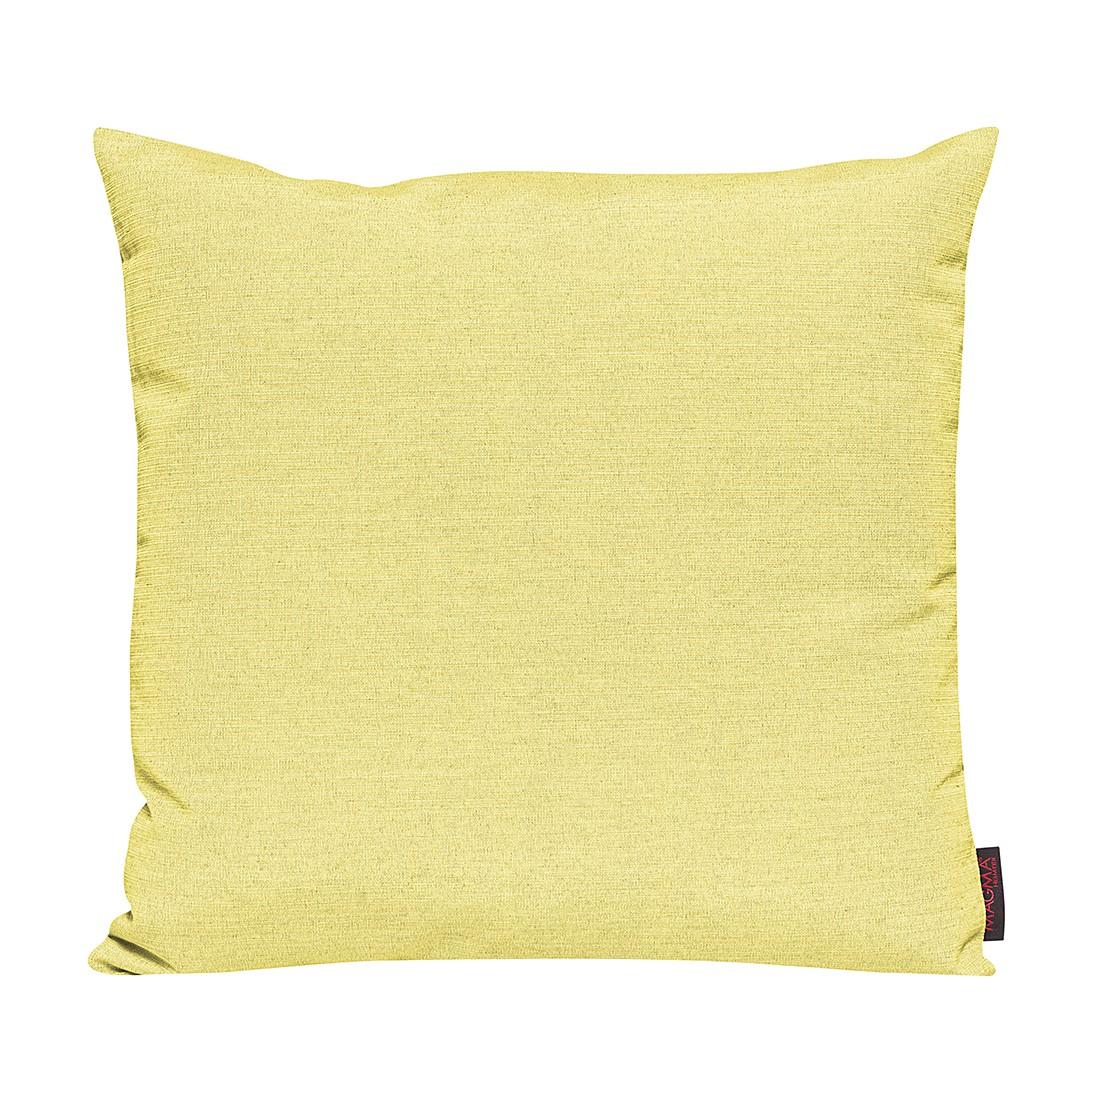 Kissenhülle Franca – Lindgrün – 40 x 40 cm, twentyfour kaufen